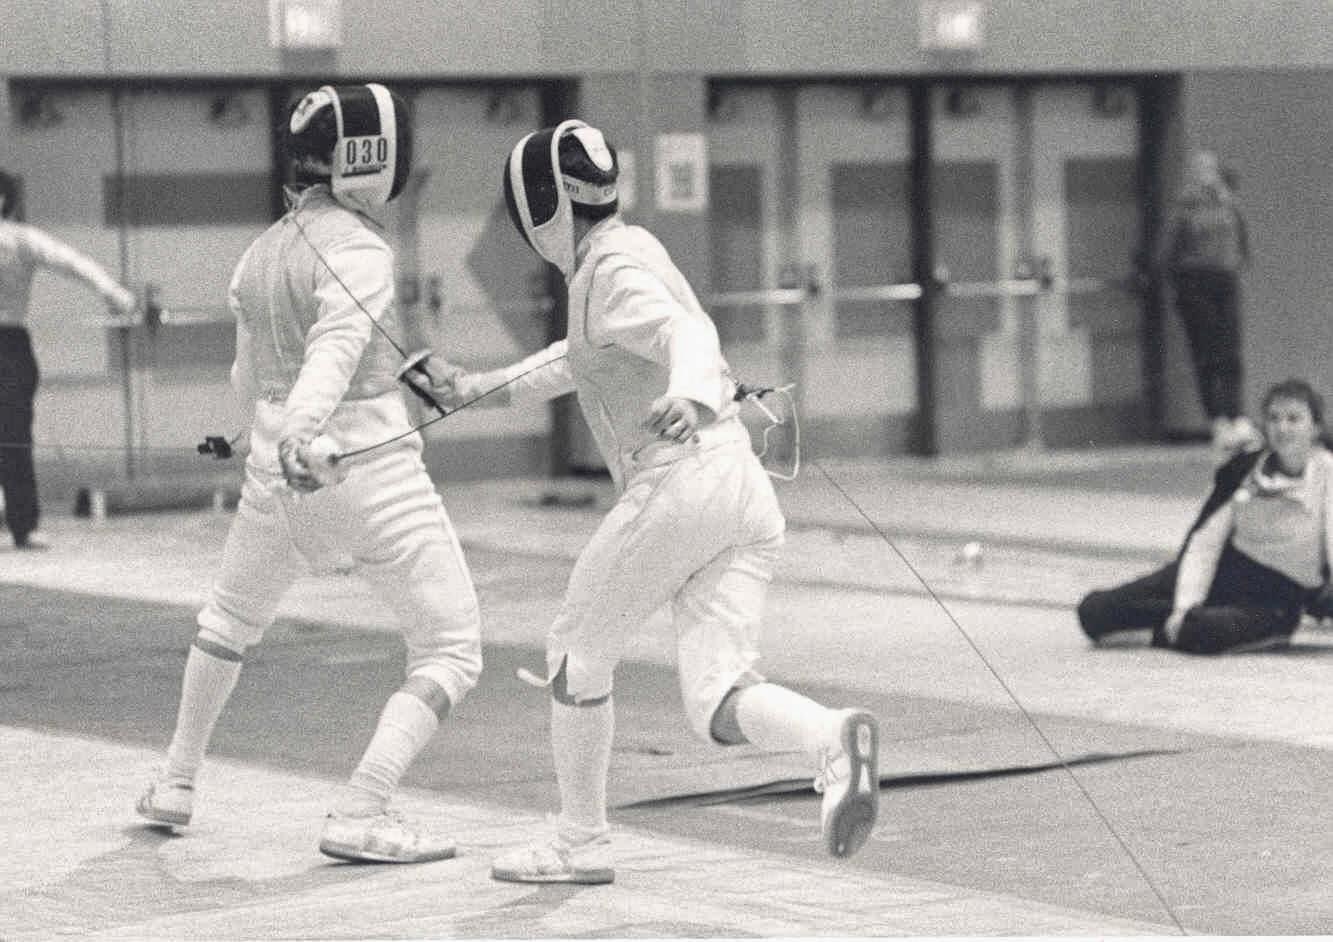 Steve Lazar ubc fencing club: club history